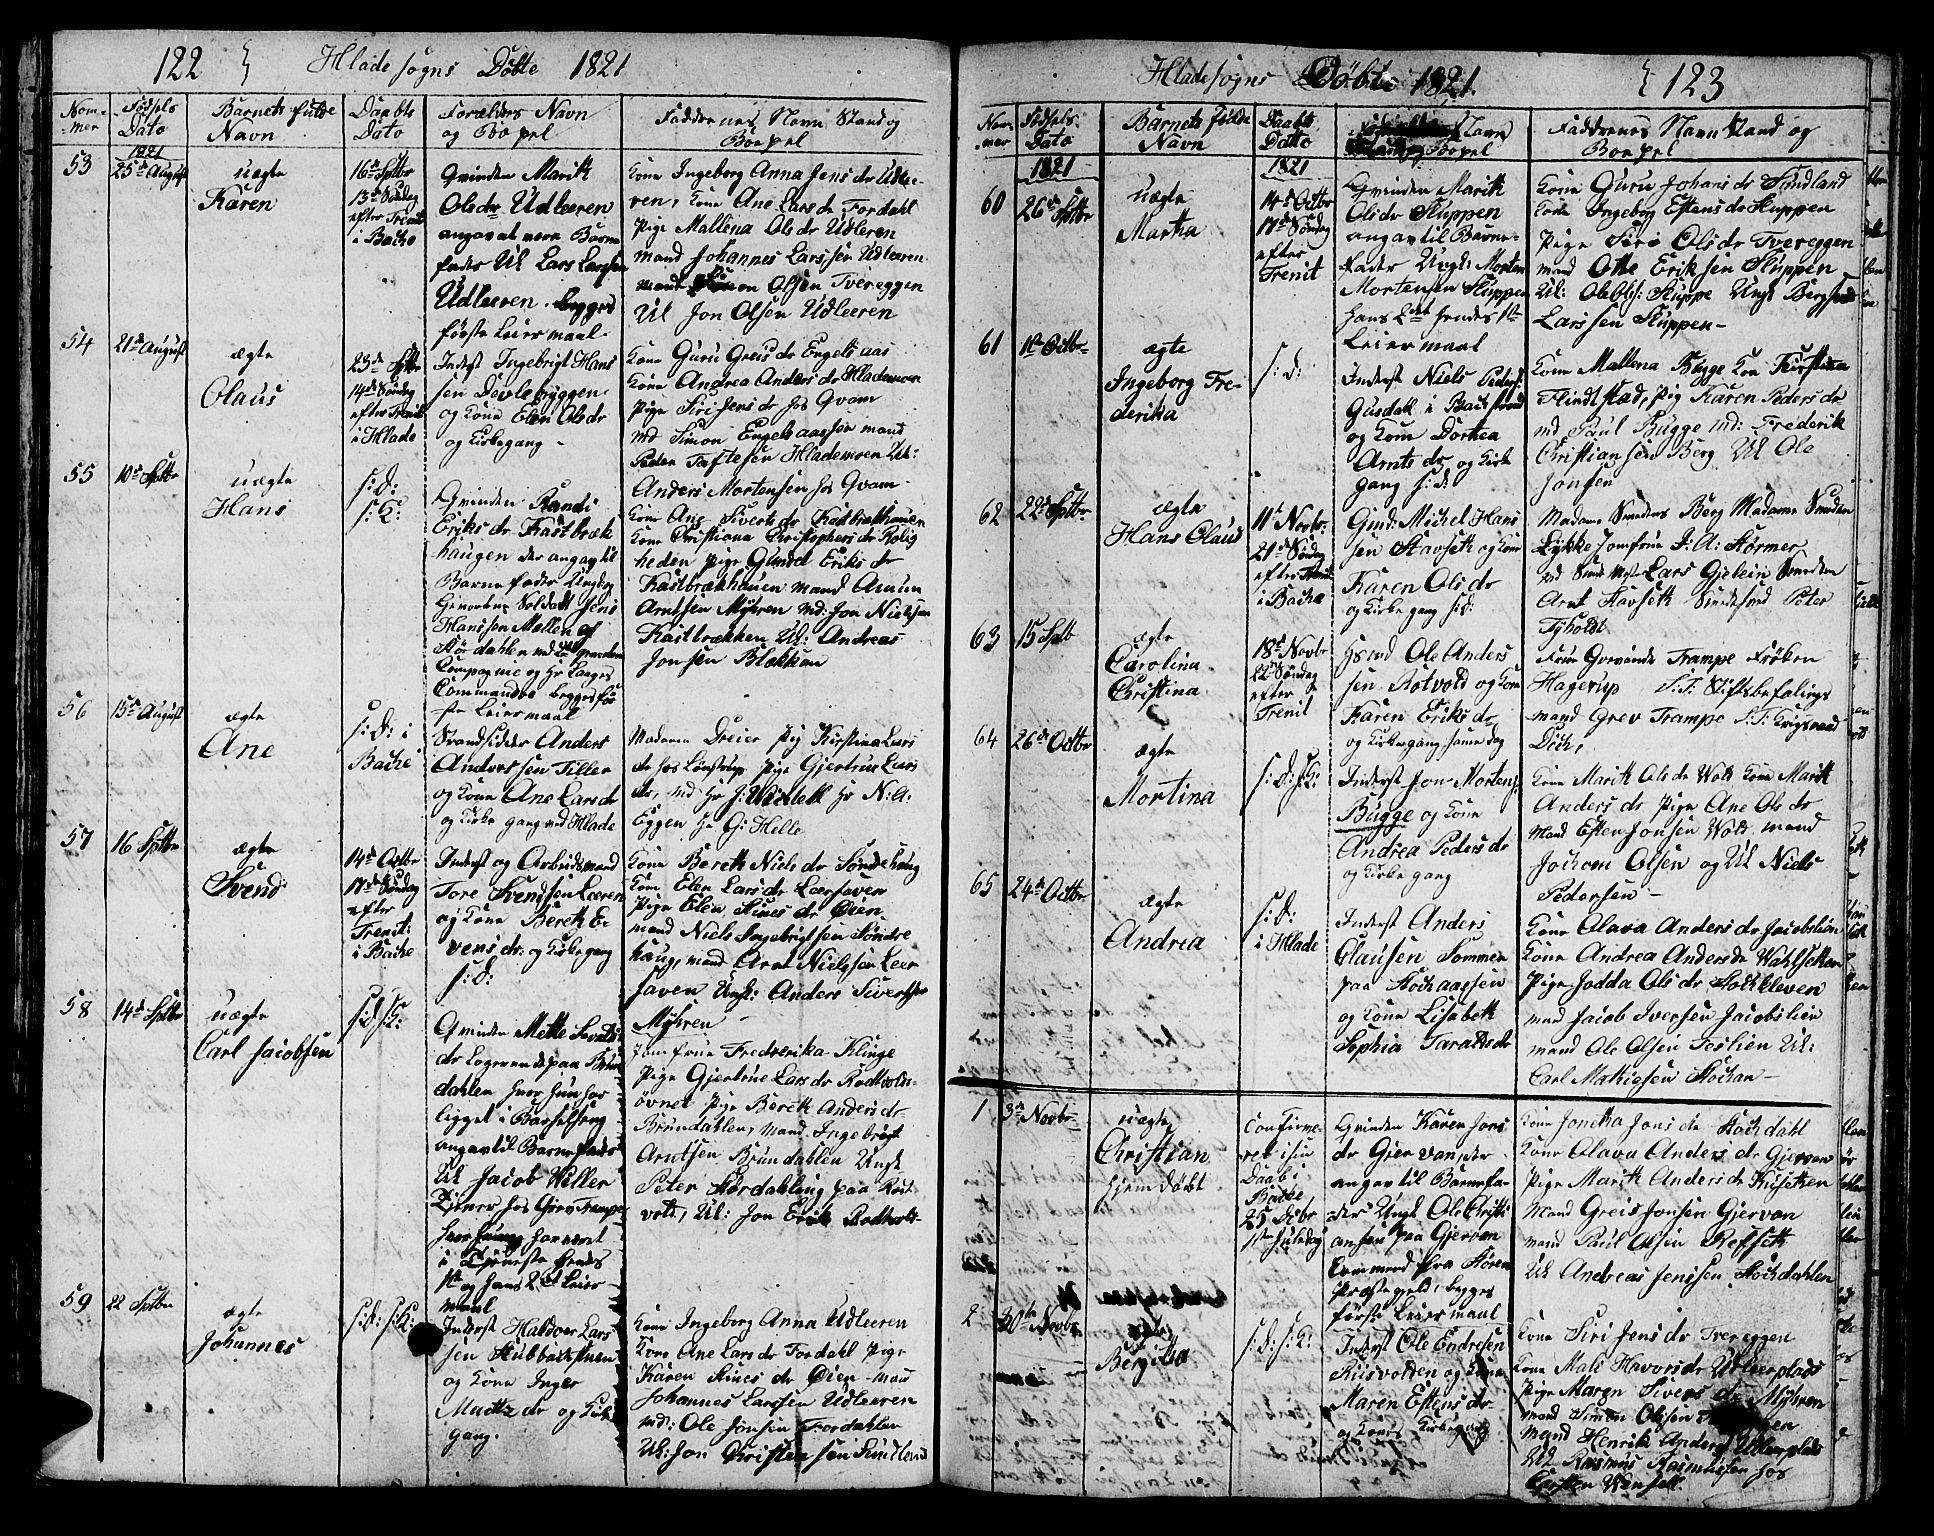 SAT, Ministerialprotokoller, klokkerbøker og fødselsregistre - Sør-Trøndelag, 606/L0306: Klokkerbok nr. 606C02, 1797-1829, s. 122-123